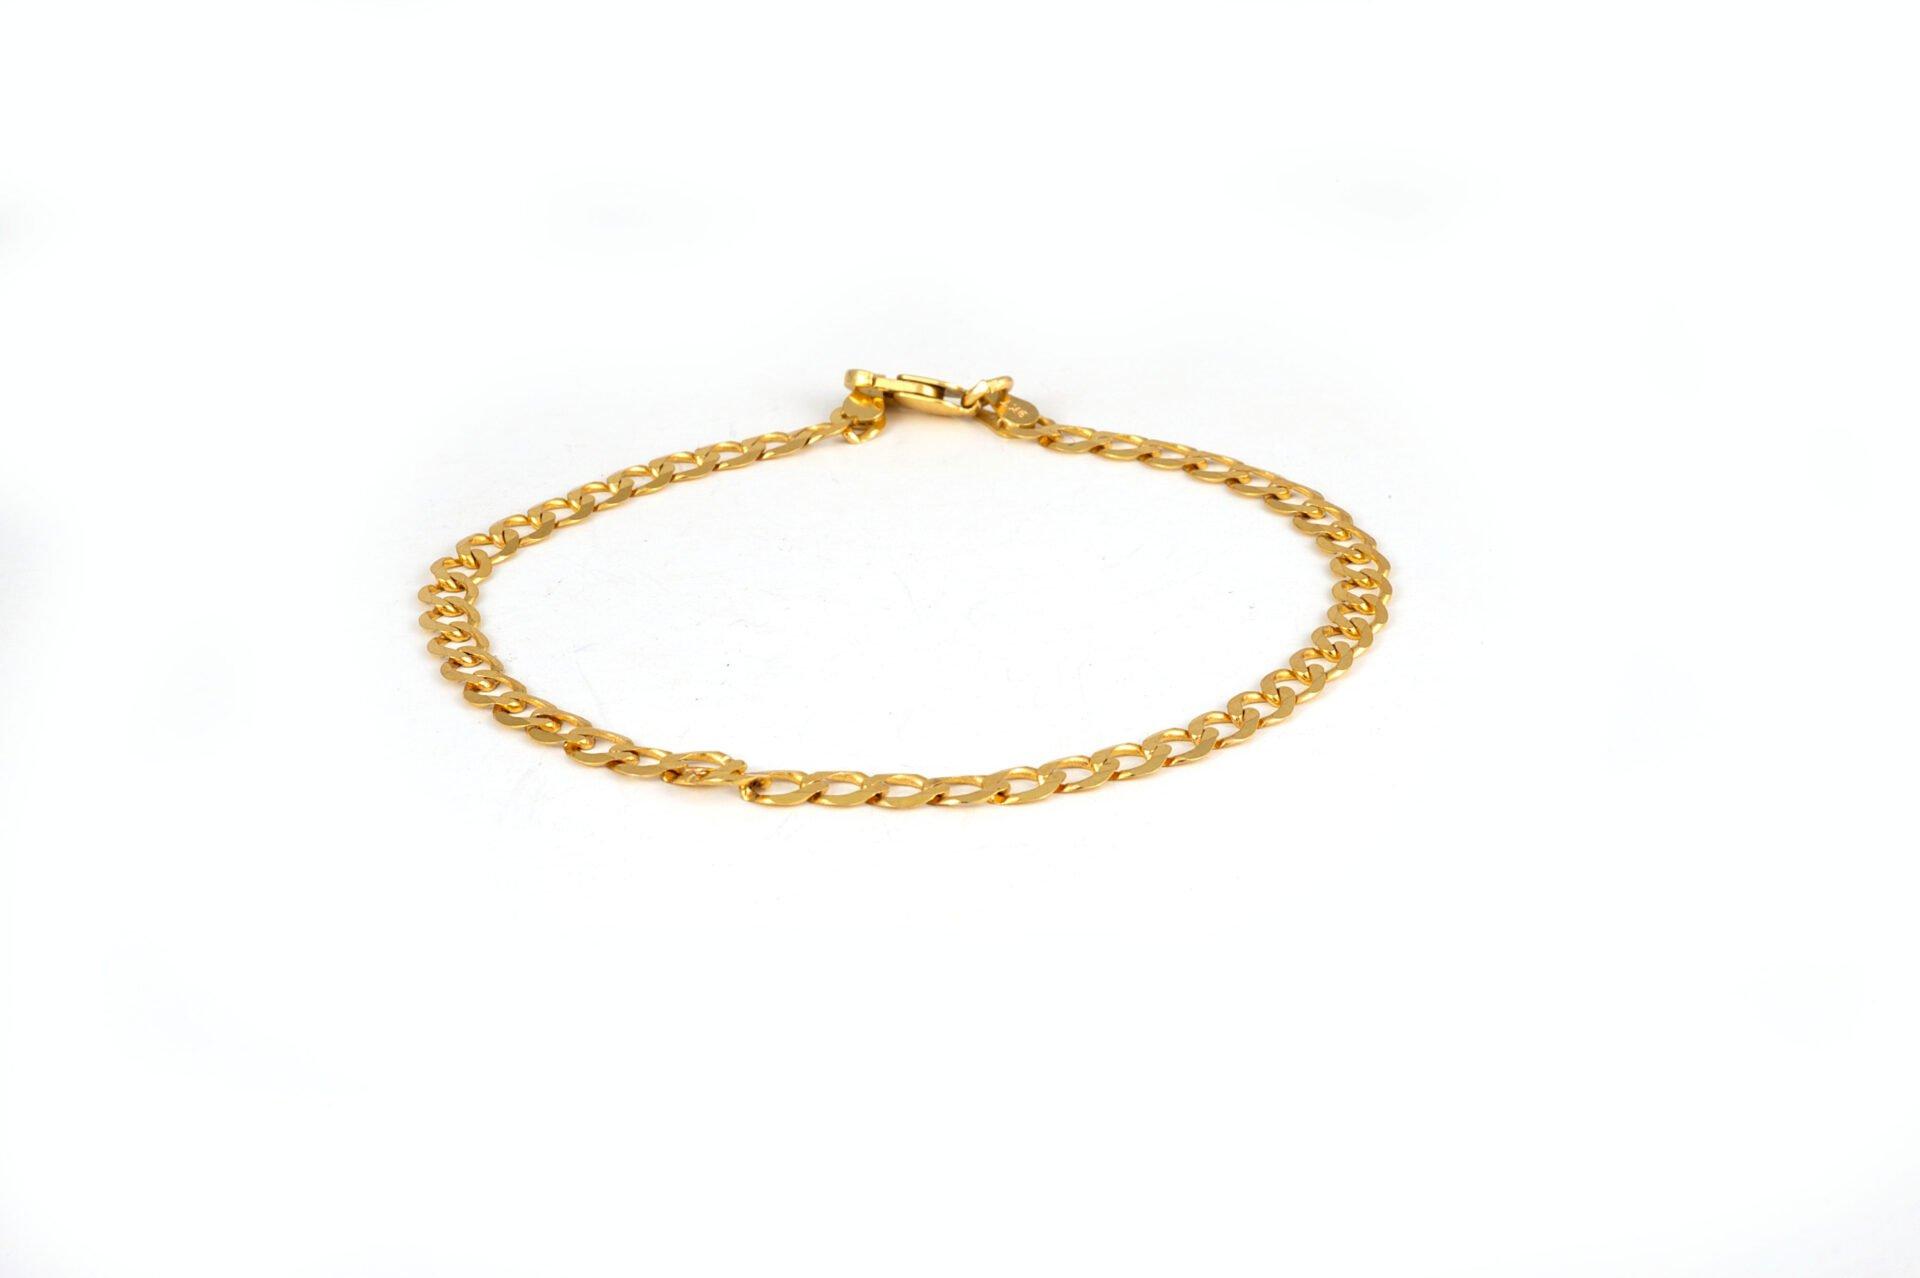 Eternity Jewellery owner, Nico, evaluates piece of jewellery